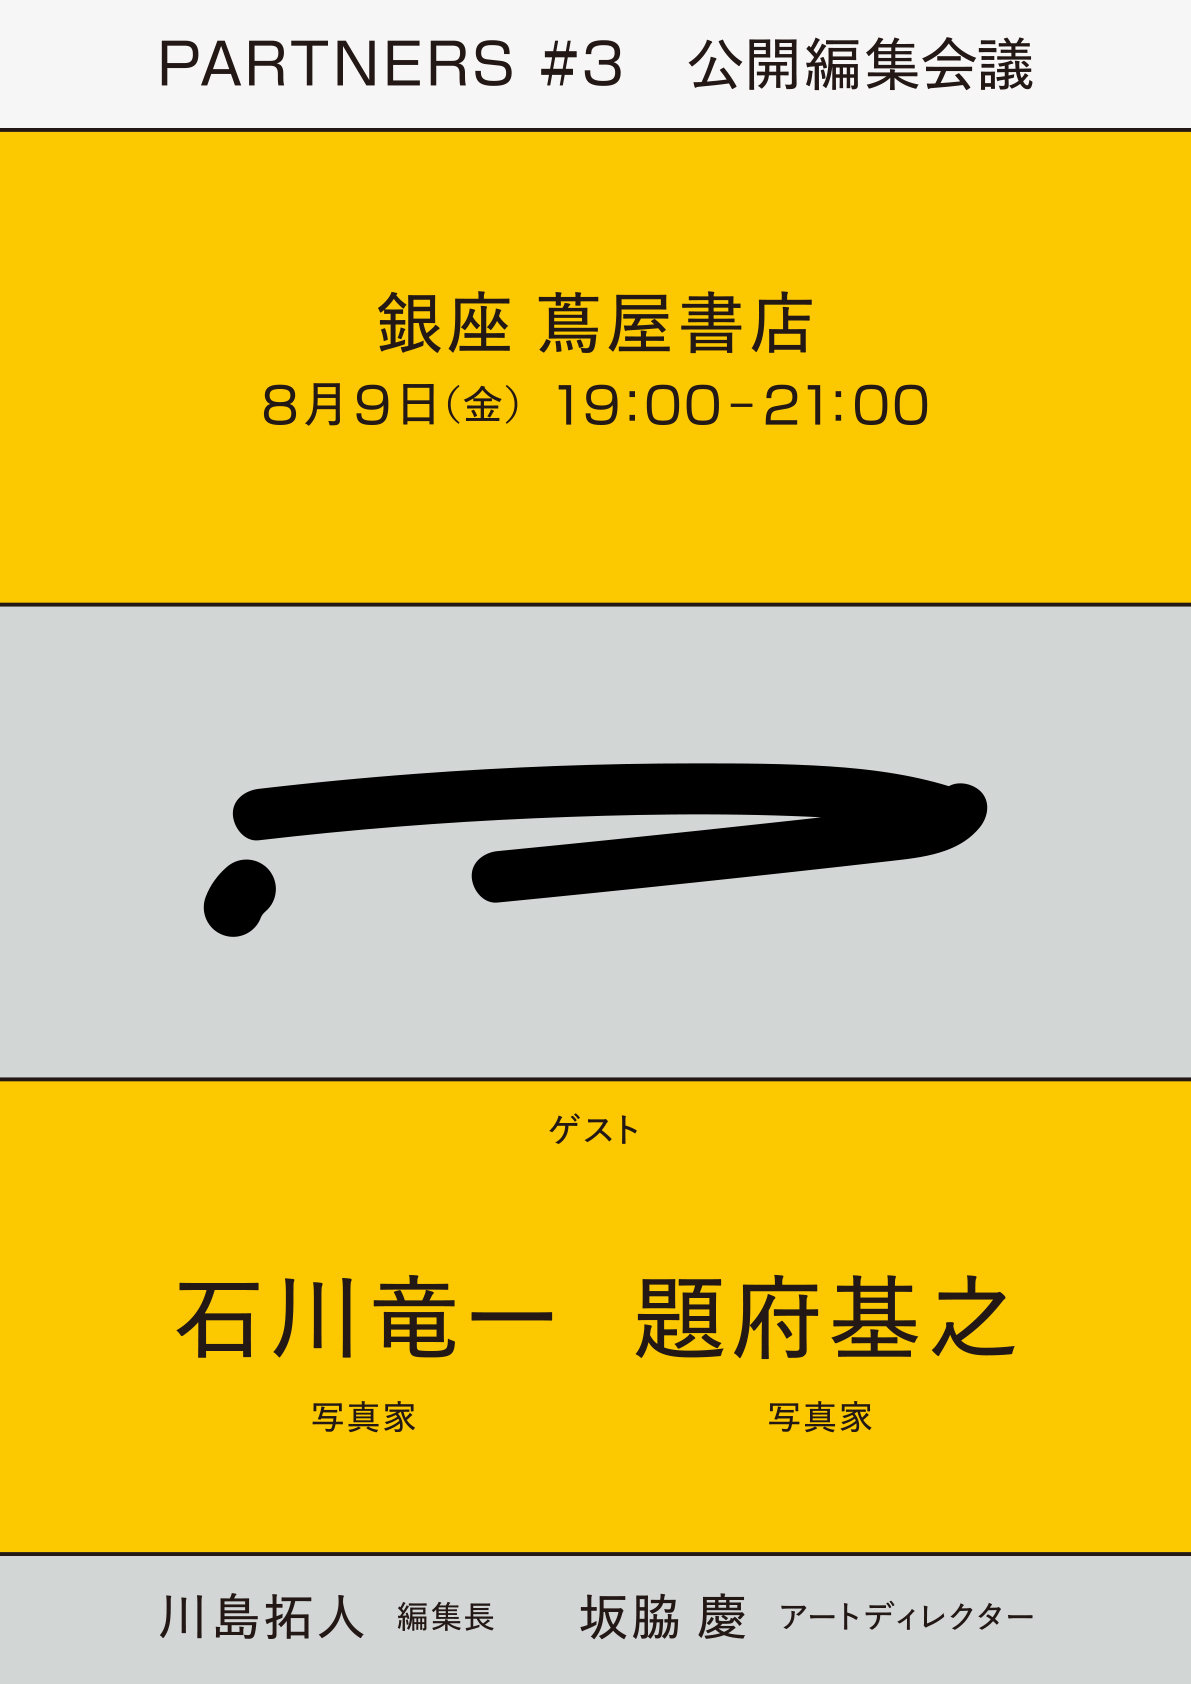 石川竜一さん トークイベント「PARTNERS #3」_b0187229_17294550.jpg